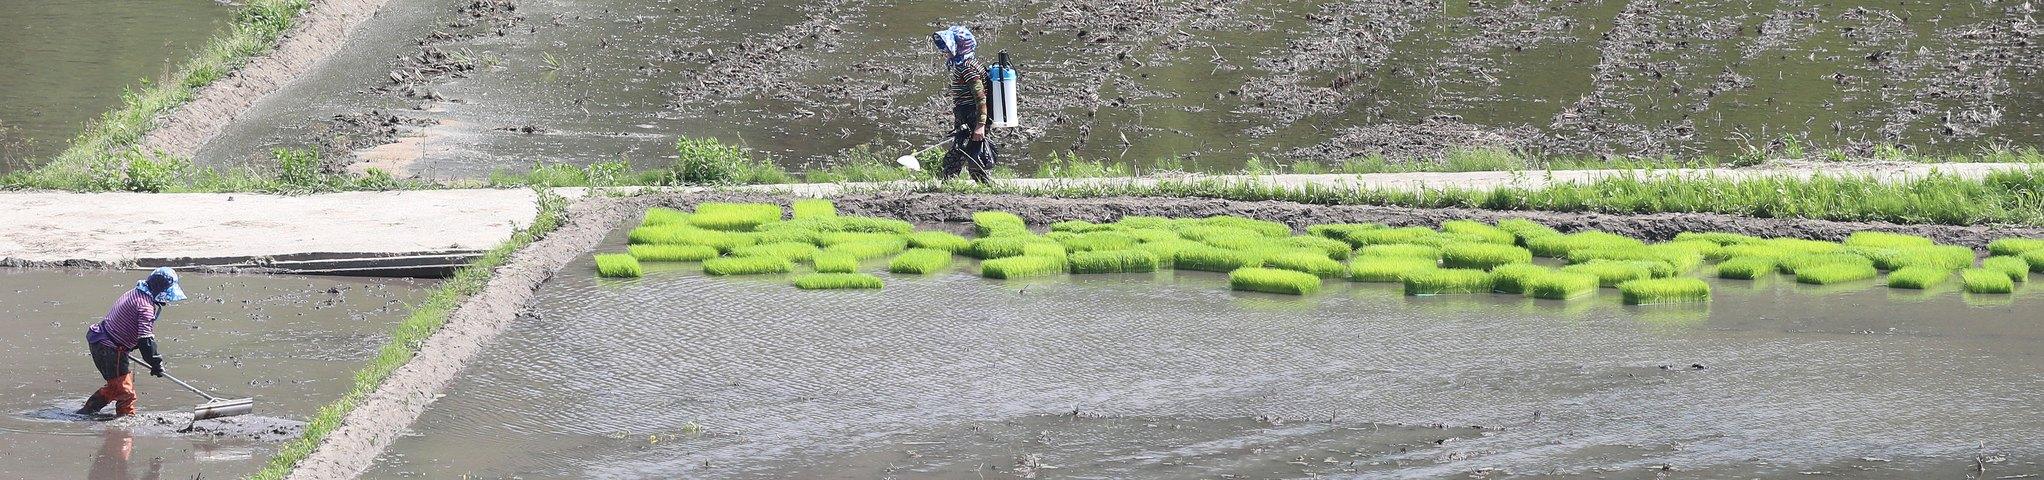 11일 경남 함양군 함양읍 팔령마을 한 논에서 농민들이 모내기 준비를 하고 있다. [뉴스1]